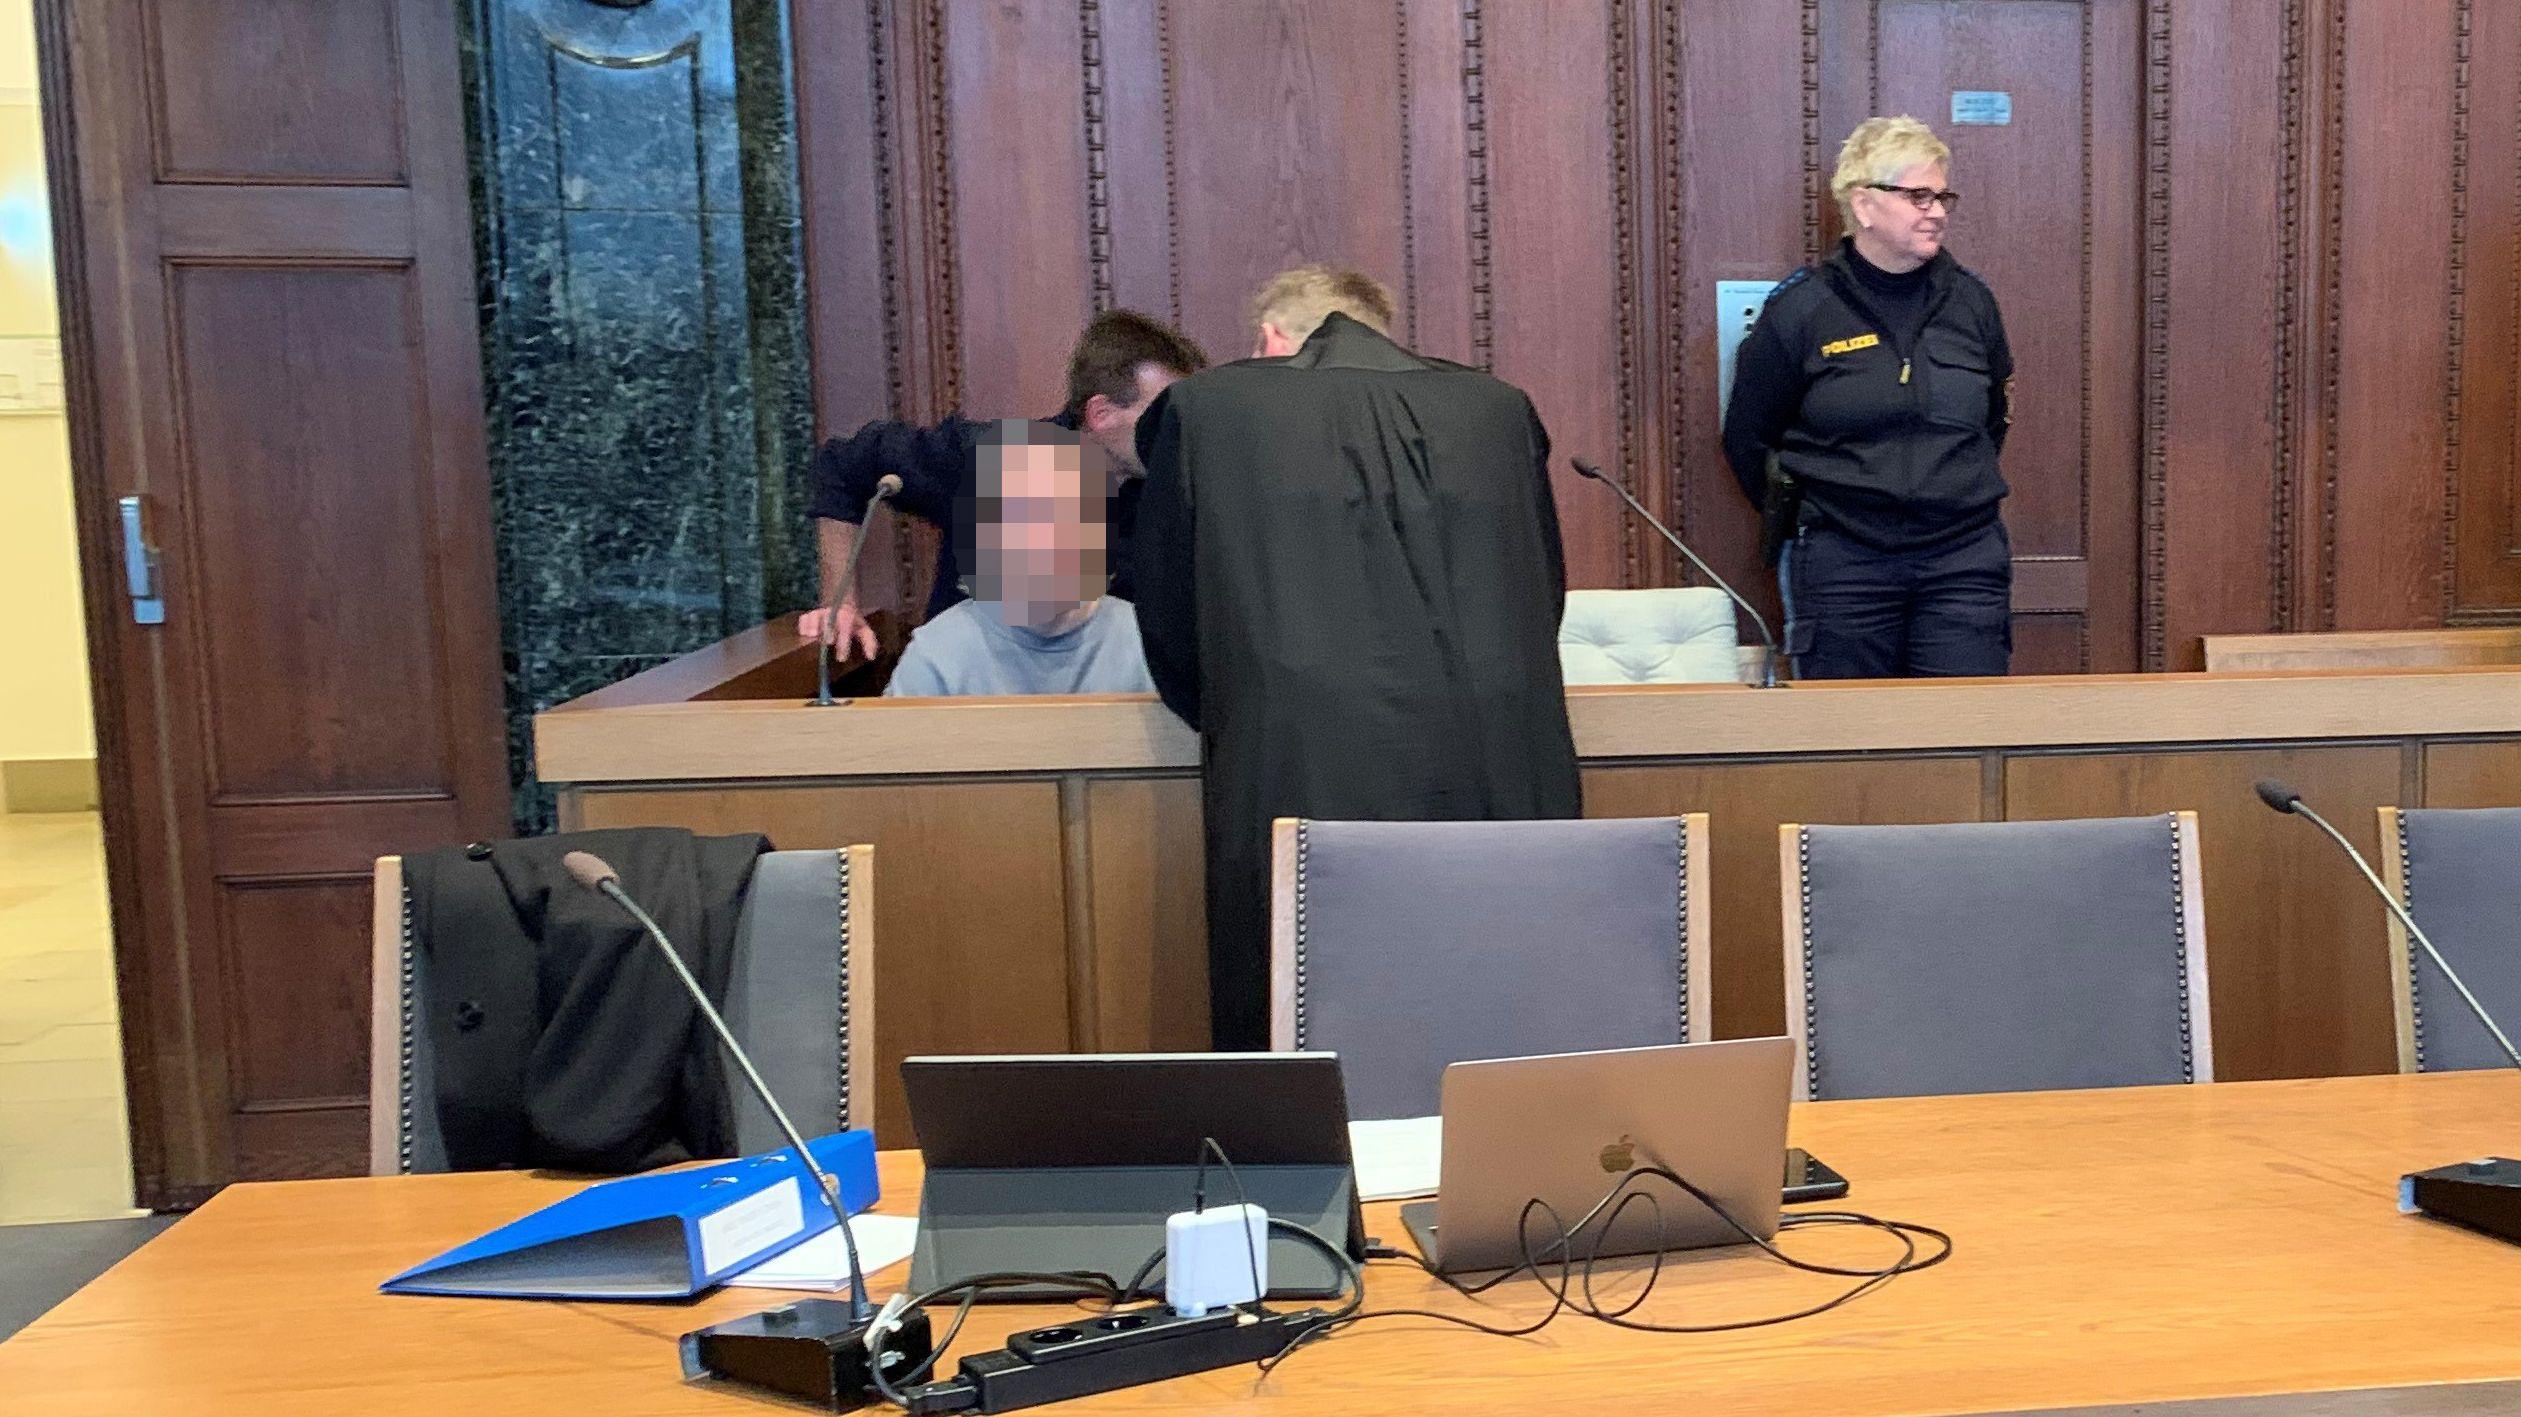 Prozess vor dem Landgericht Nürnberg-Fürth: Paar soll Mann misshandelt und getötet haben. Die beiden Angeklagten sitzend.